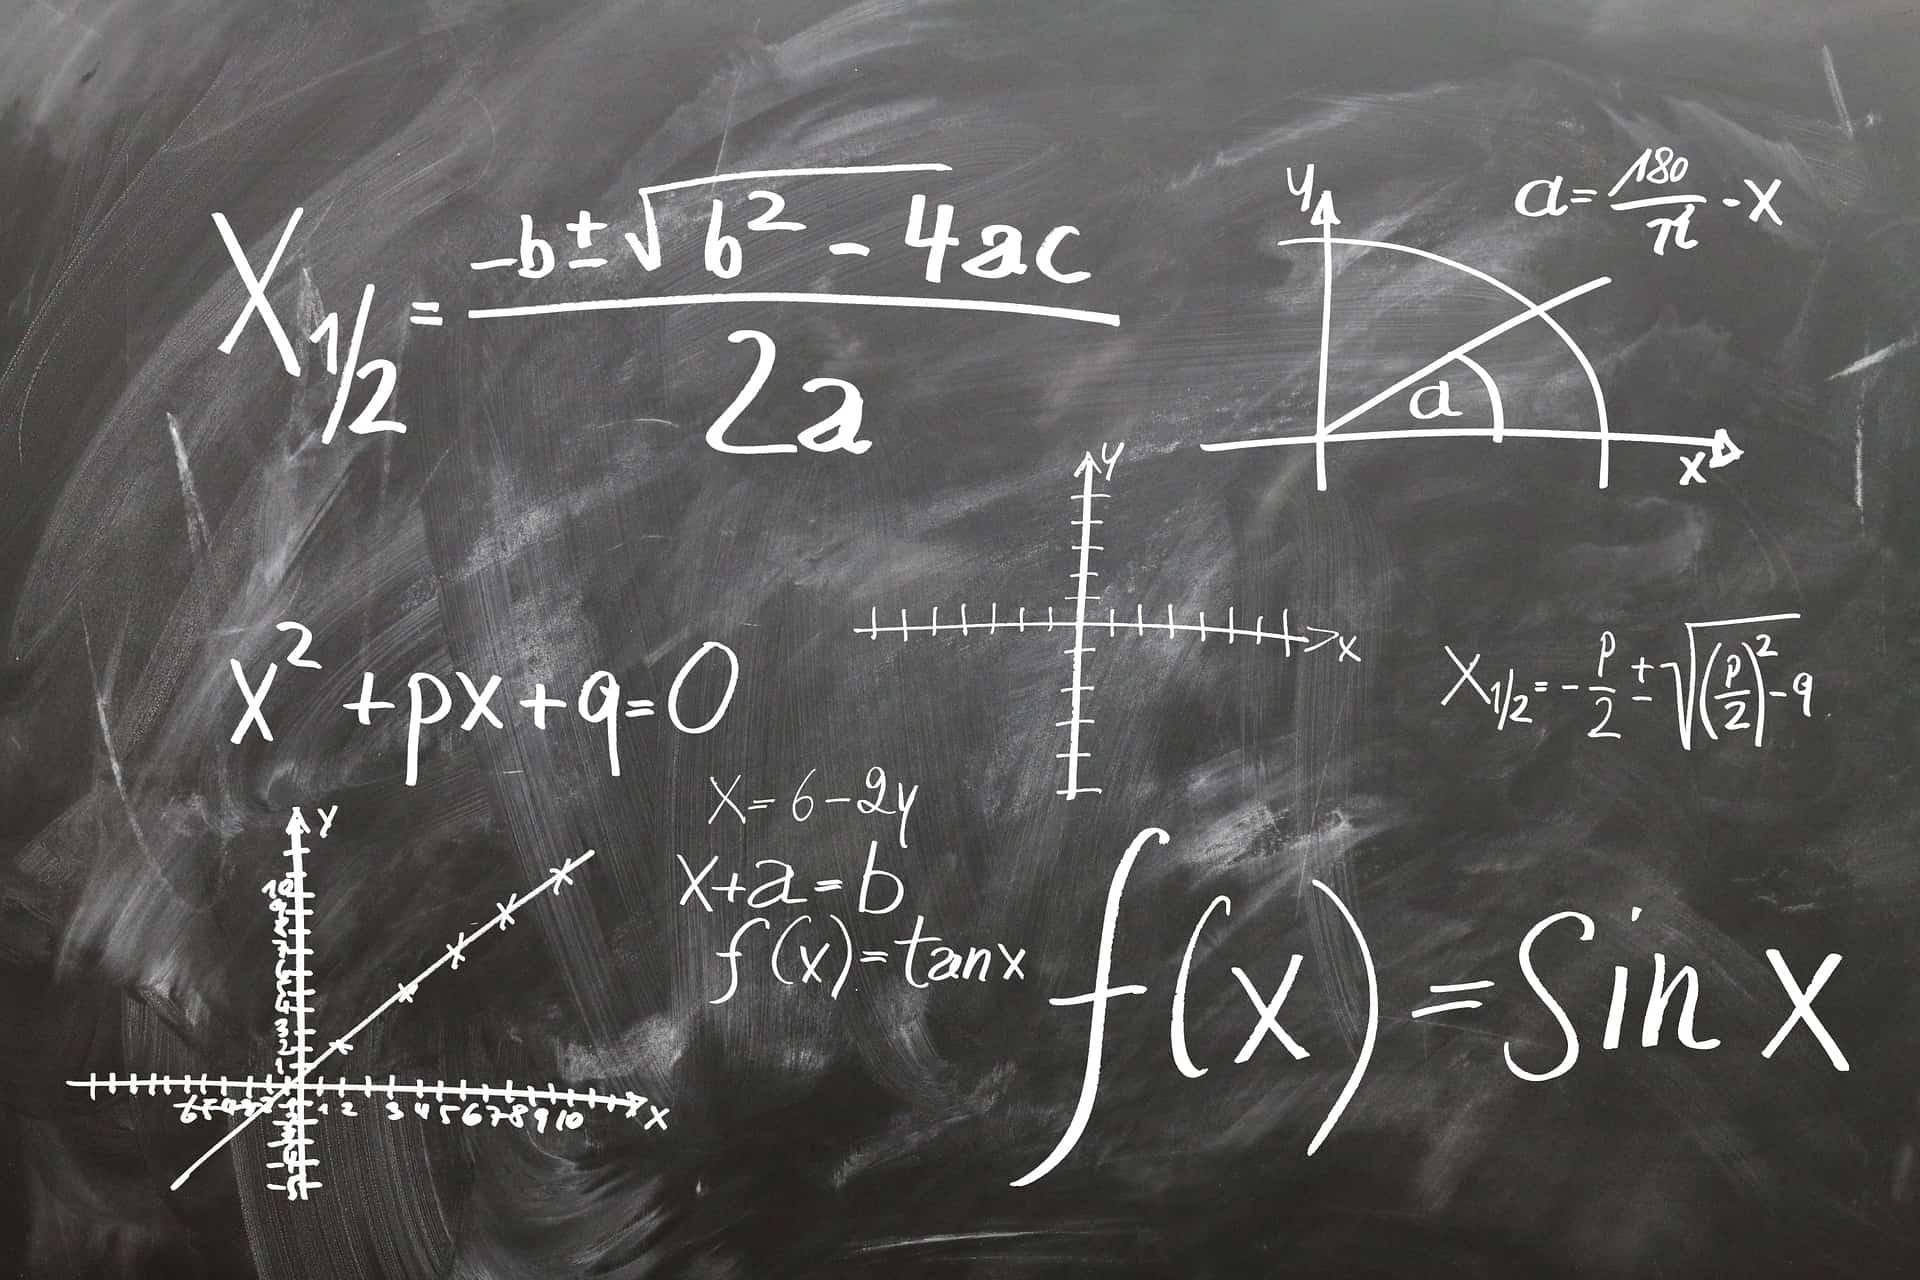 המטרה: אחד מכל ארבעה תלמידים ייגש לבחינה ברמת 5 יחידות במתמטיקה, צילום אילוסטרציה